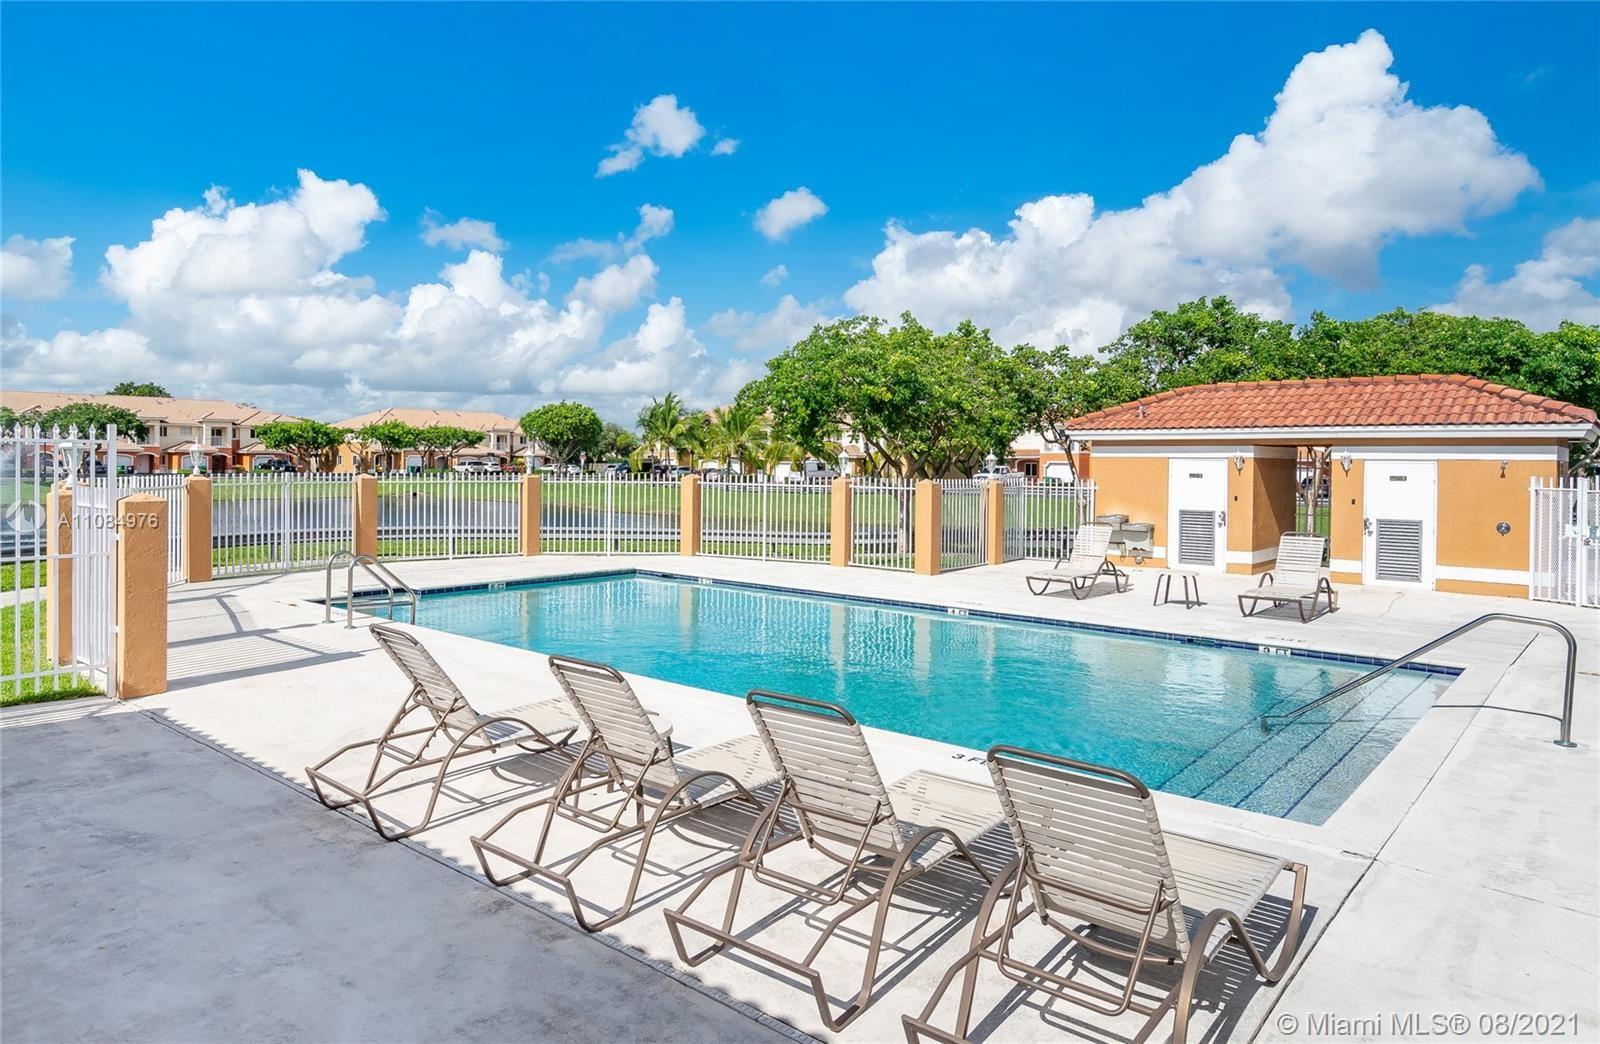 16255 SW 56th Ter, Miami, FL 33193 - #: A11084976